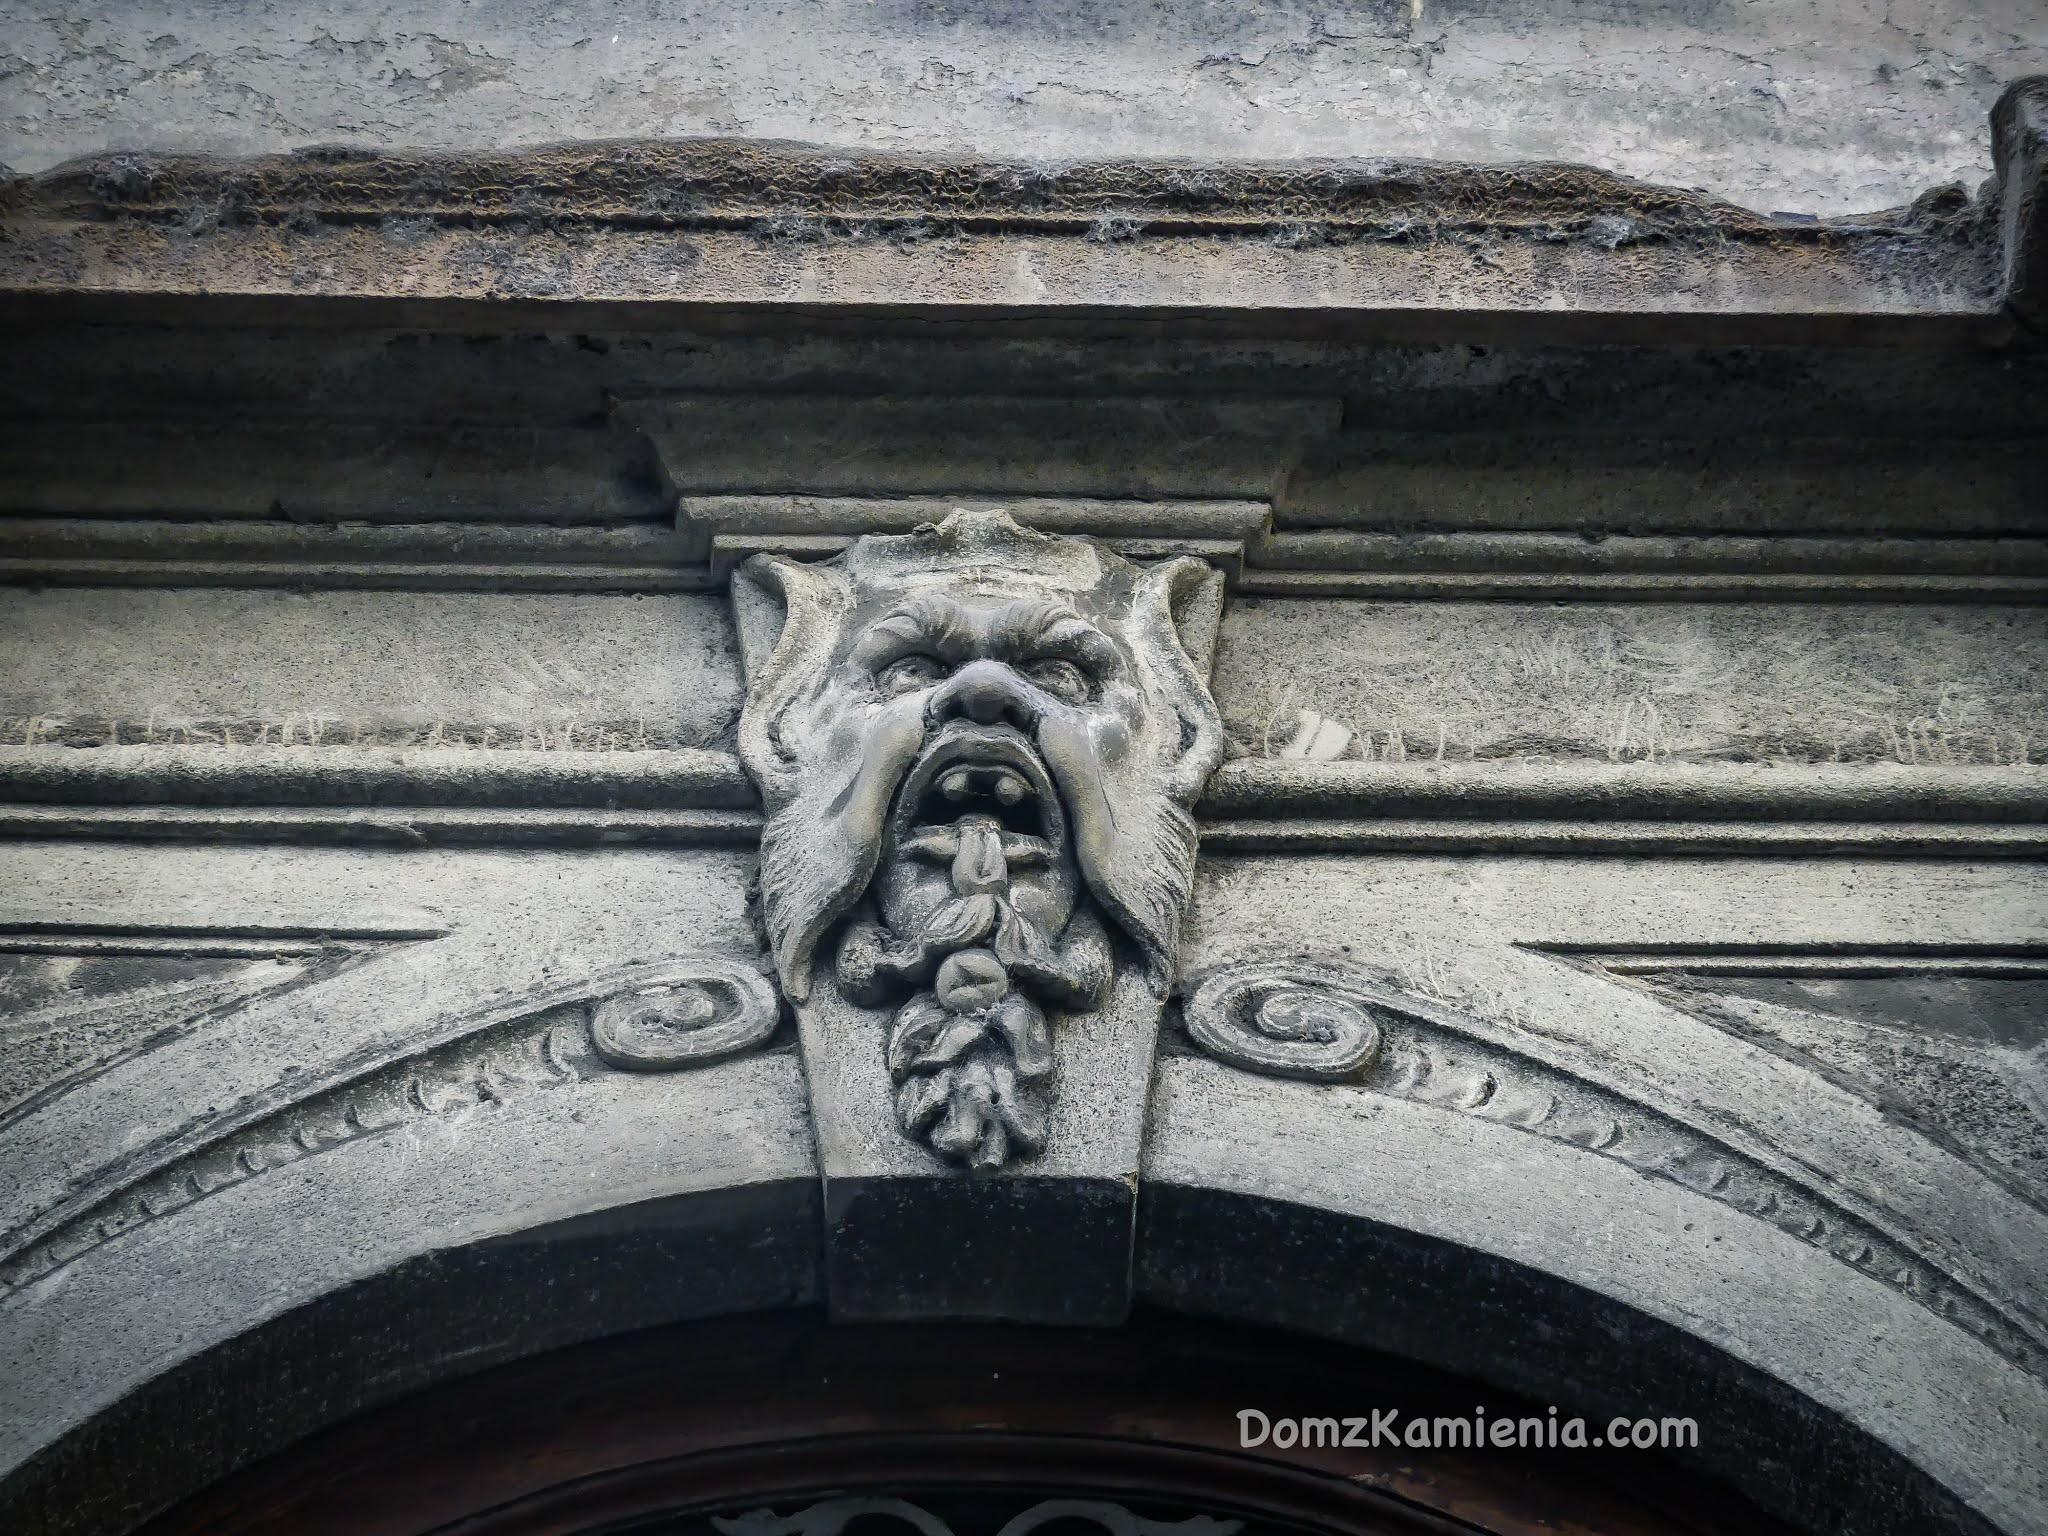 Sekrety Florencji - Dom z Kamienia